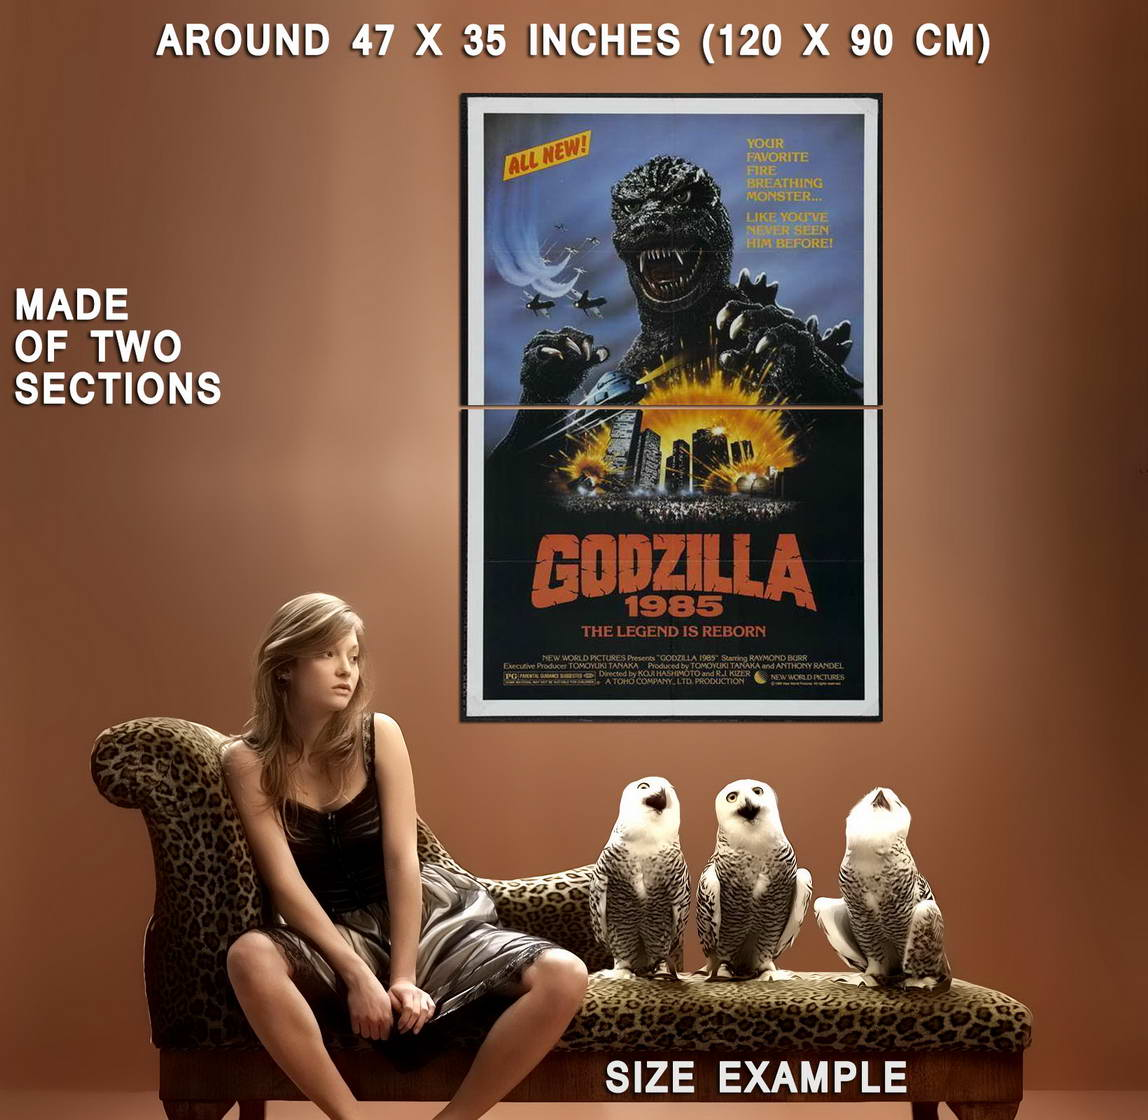 67677-Godzilla-1985-Movie-Keiju-Kobayashi-Wall-Print-Poster-Affiche